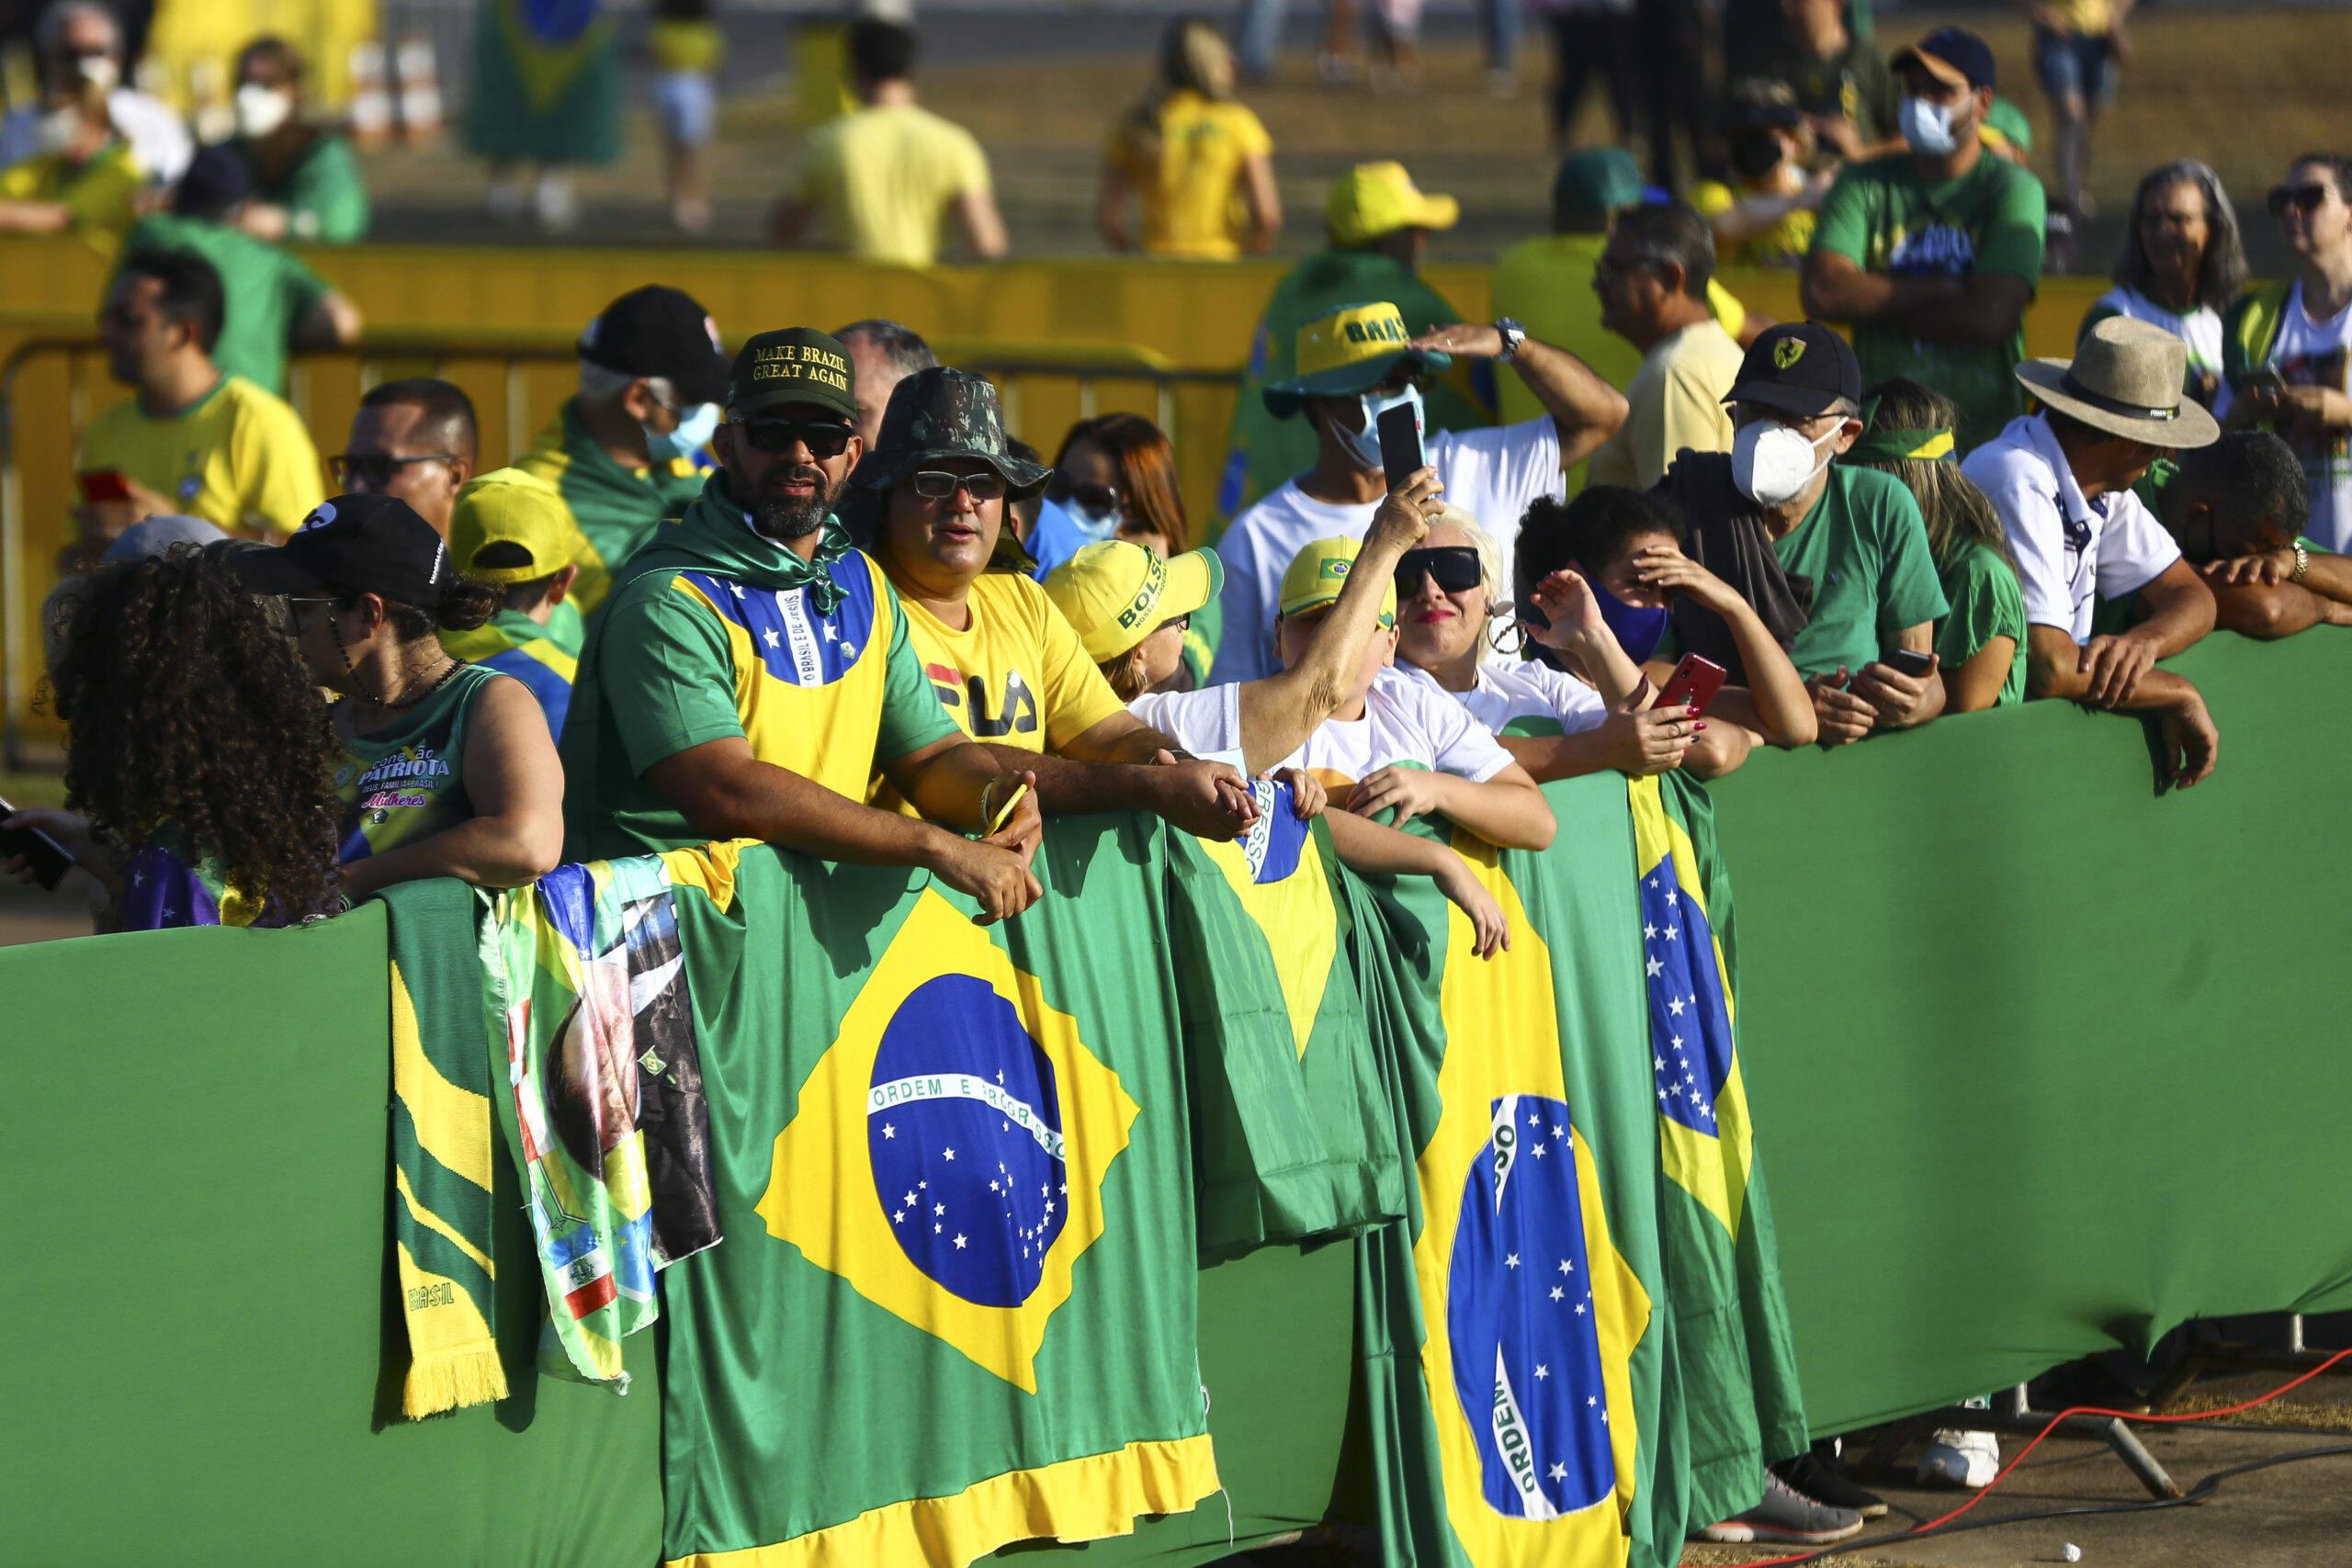 No dia 7 de setembro é comemorado a Independência do Brasil. Neste ano, a data foi marcada por protestos em todo o país. (Foto: Agência Brasil)